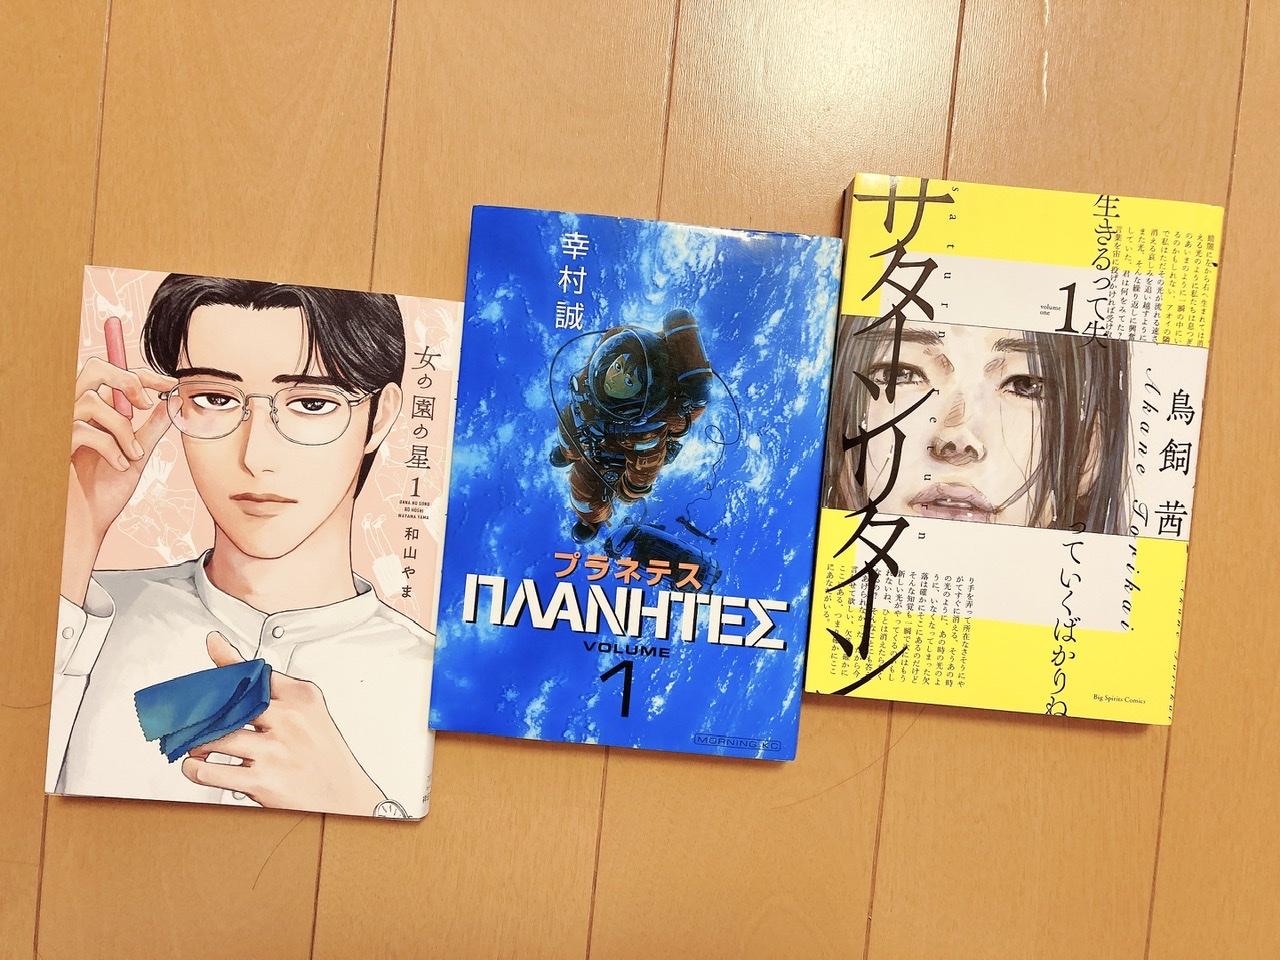 【5巻以内でサクッと読める!】おうち時間におすすめ漫画3選♡_4